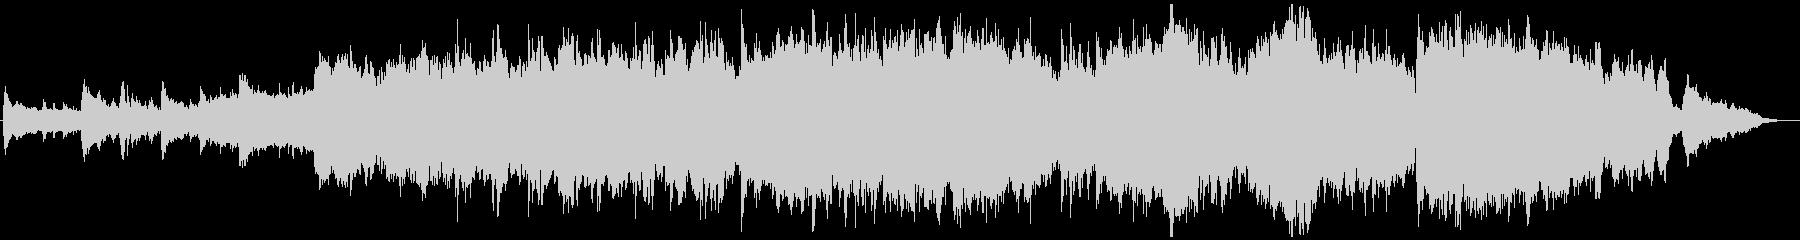 神秘的なピアノオーケストラバラードの未再生の波形